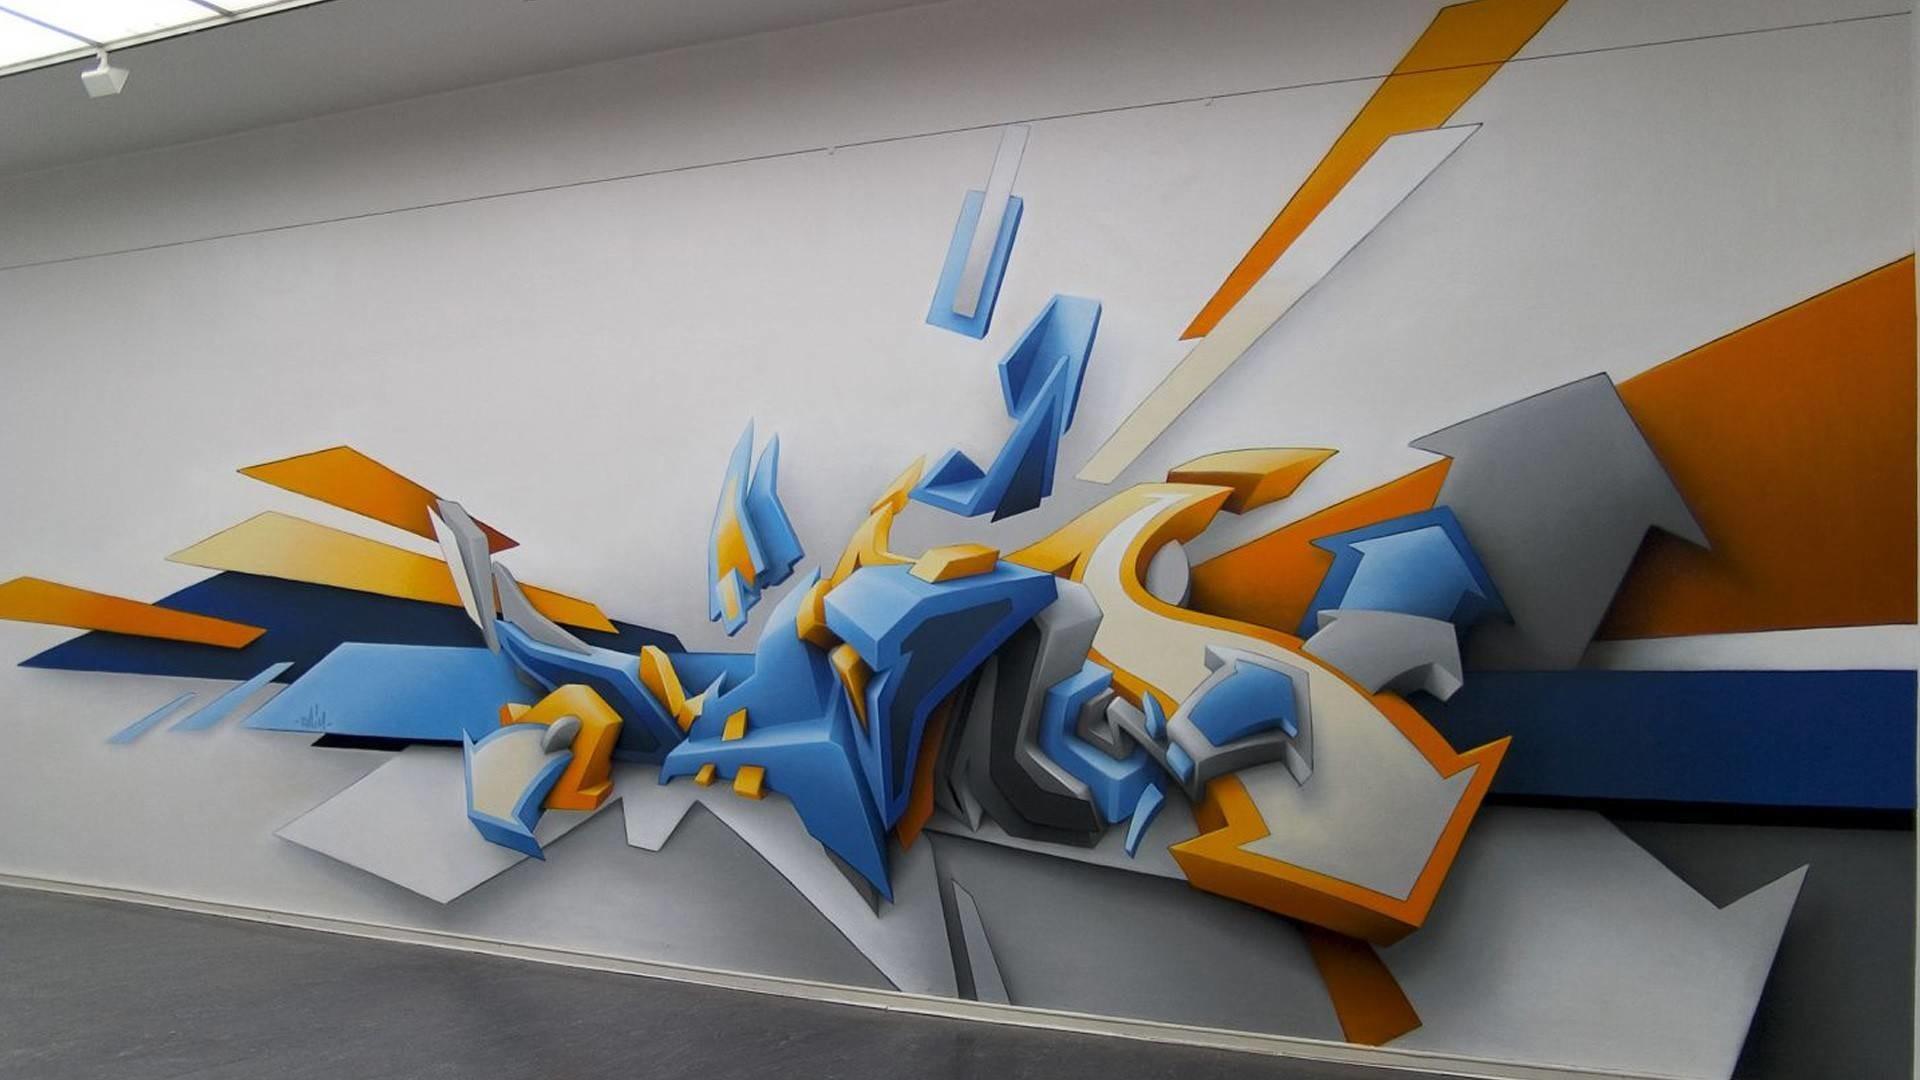 abstract graffiti image wallpaper 1920×1080